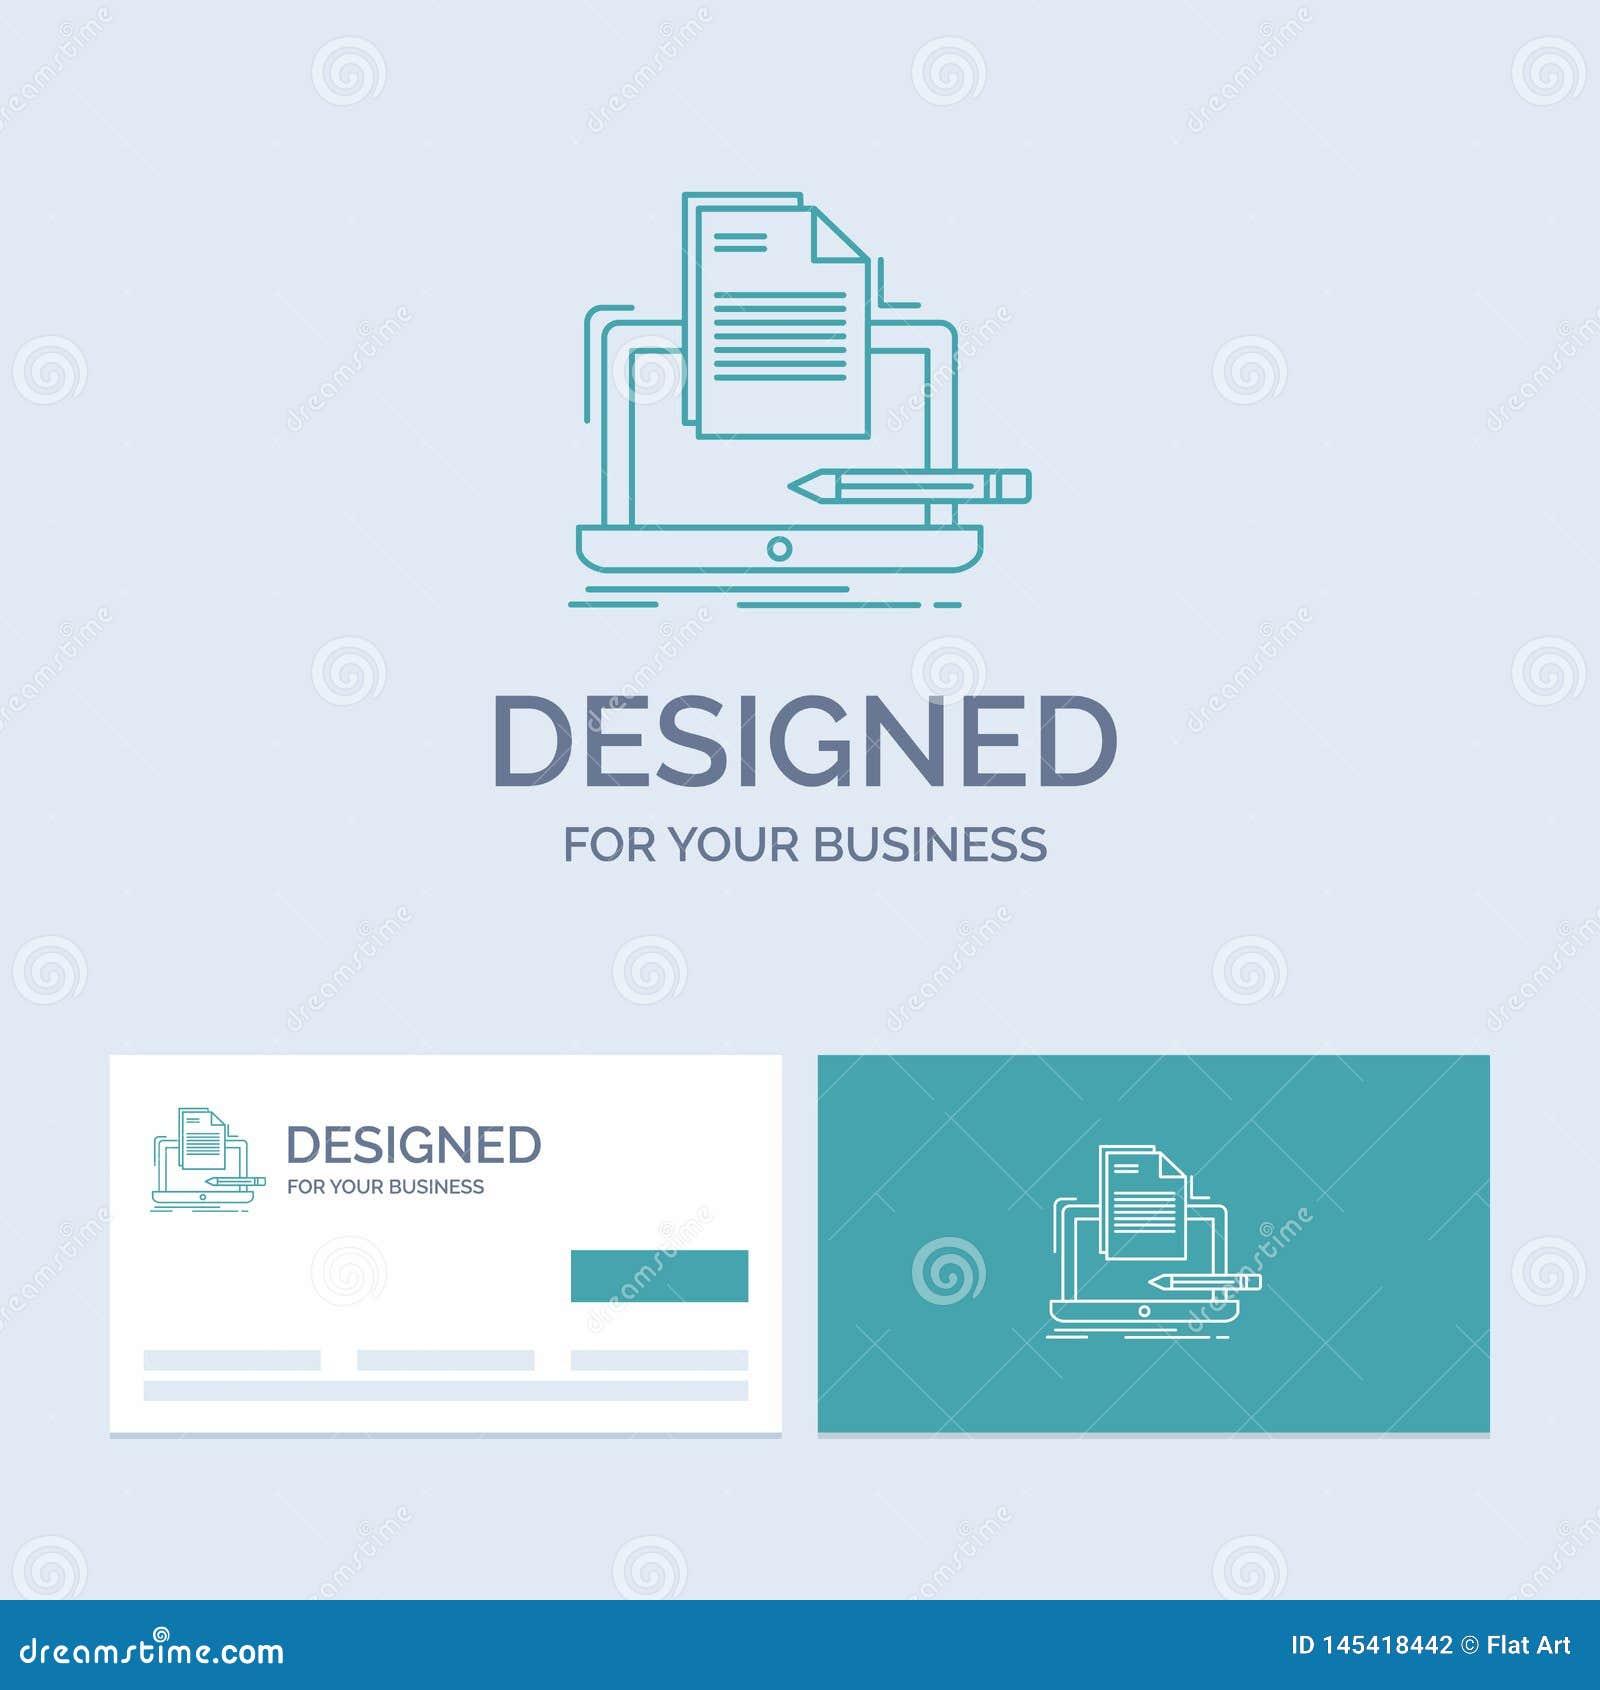 Codeur, codage, computer, lijst, document Zaken Logo Line Icon Symbol voor uw zaken Turkooise Visitekaartjes met Merkembleem